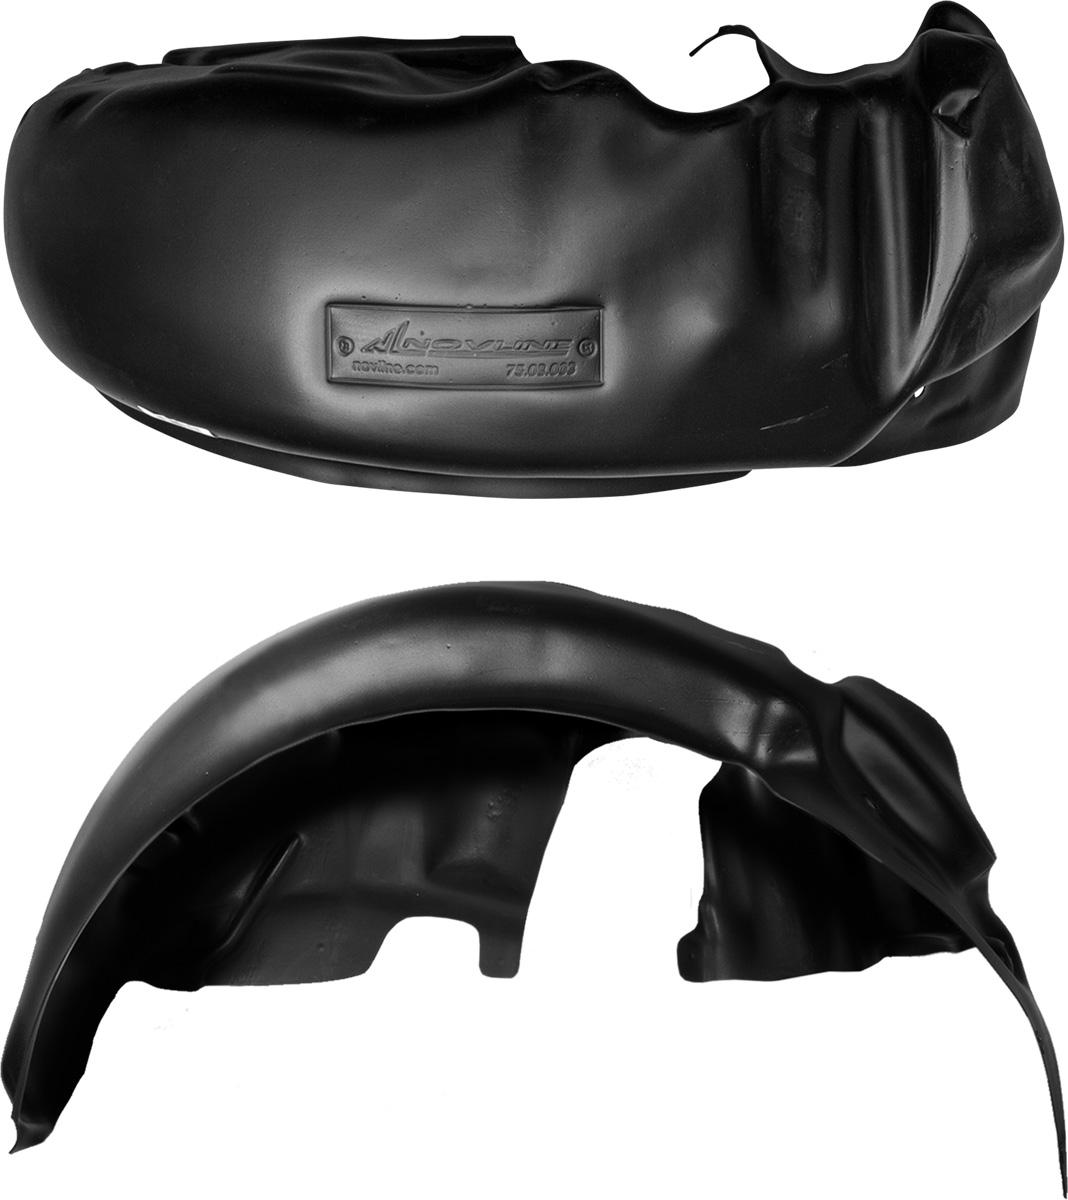 Подкрылок Novline-Autofamily, для Lada Largus, 2012 ->, передний левыйNLL.52.26.001Колесные ниши - одни из самых уязвимых зон днища вашего автомобиля. Они постоянно подвергаются воздействию со стороны дороги. Лучшая, почти абсолютная защита для них - специально отформованные пластиковые кожухи, которые называются подкрылками. Производятся они как для отечественных моделей автомобилей, так и для иномарок. Подкрылки Novline-Autofamily выполнены из высококачественного, экологически чистого пластика. Обеспечивают надежную защиту кузова автомобиля от пескоструйного эффекта и негативного влияния, агрессивных антигололедных реагентов. Пластик обладает более низкой теплопроводностью, чем металл, поэтому в зимний период эксплуатации использование пластиковых подкрылков позволяет лучше защитить колесные ниши от налипания снега и образования наледи. Оригинальность конструкции подчеркивает элегантность автомобиля, бережно защищает нанесенное на днище кузова антикоррозийное покрытие и позволяет осуществить крепление подкрылков внутри колесной арки практически без...